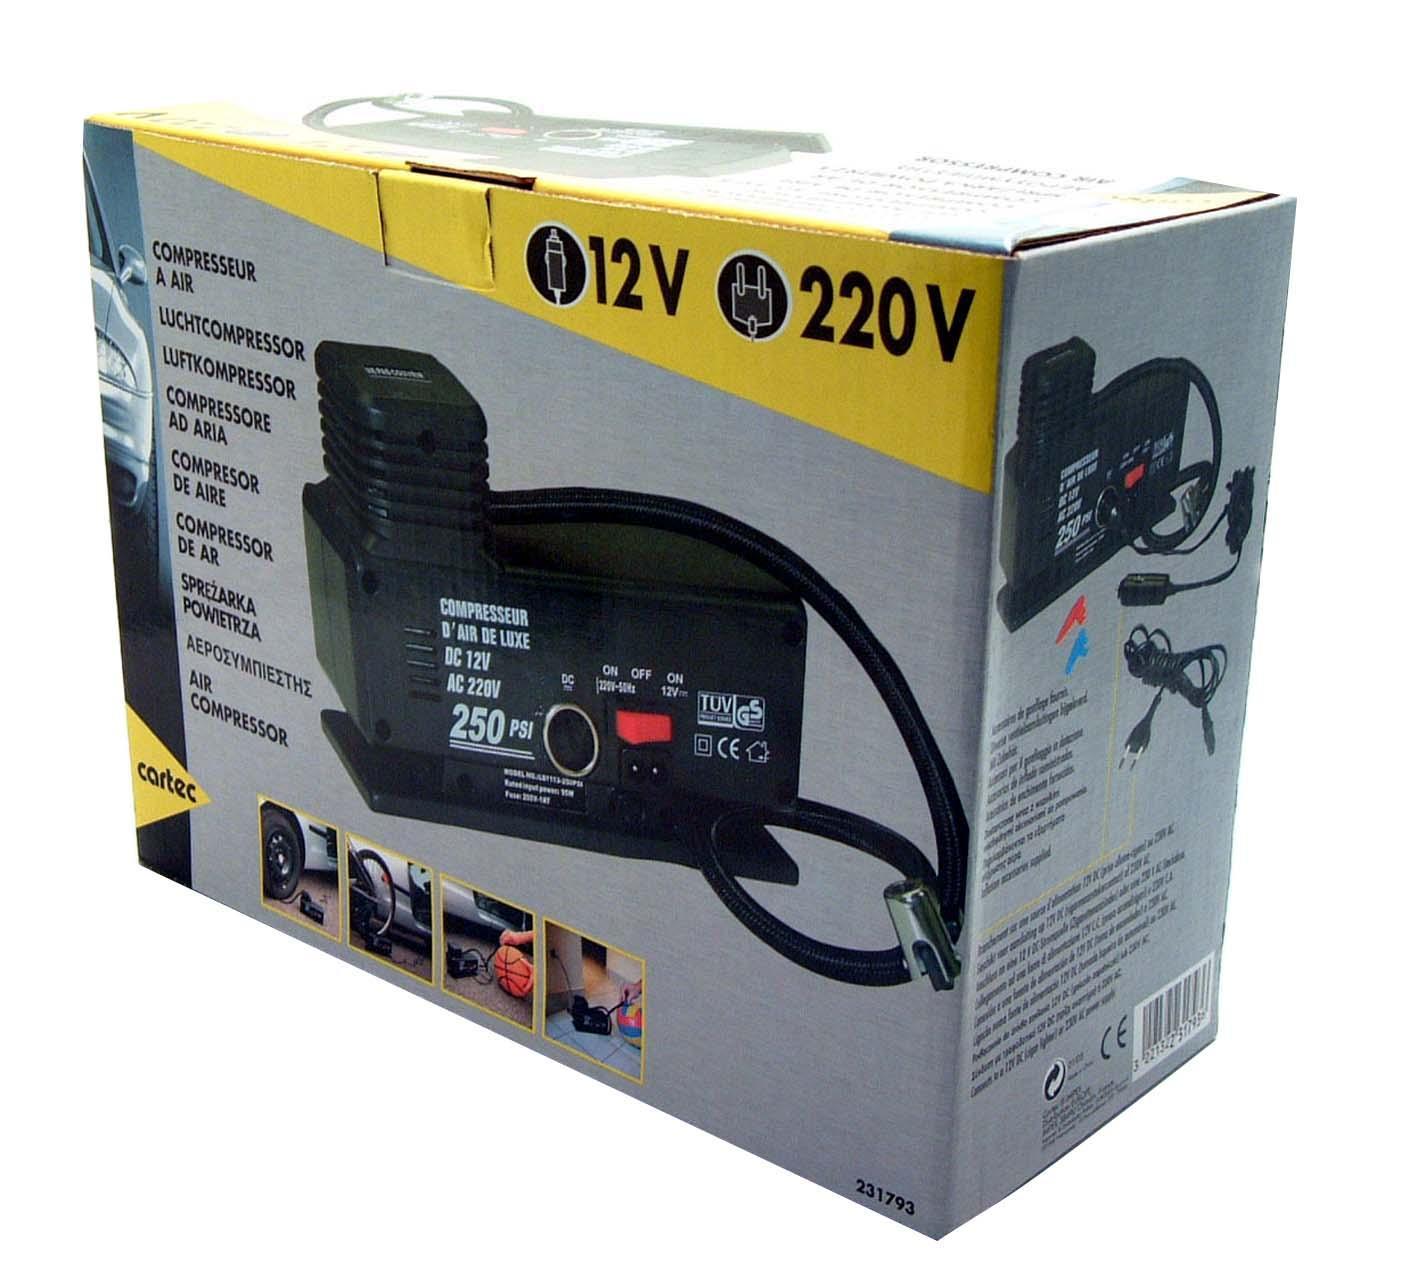 Compressor de ar CARTEC 231793 conhecimento especializado